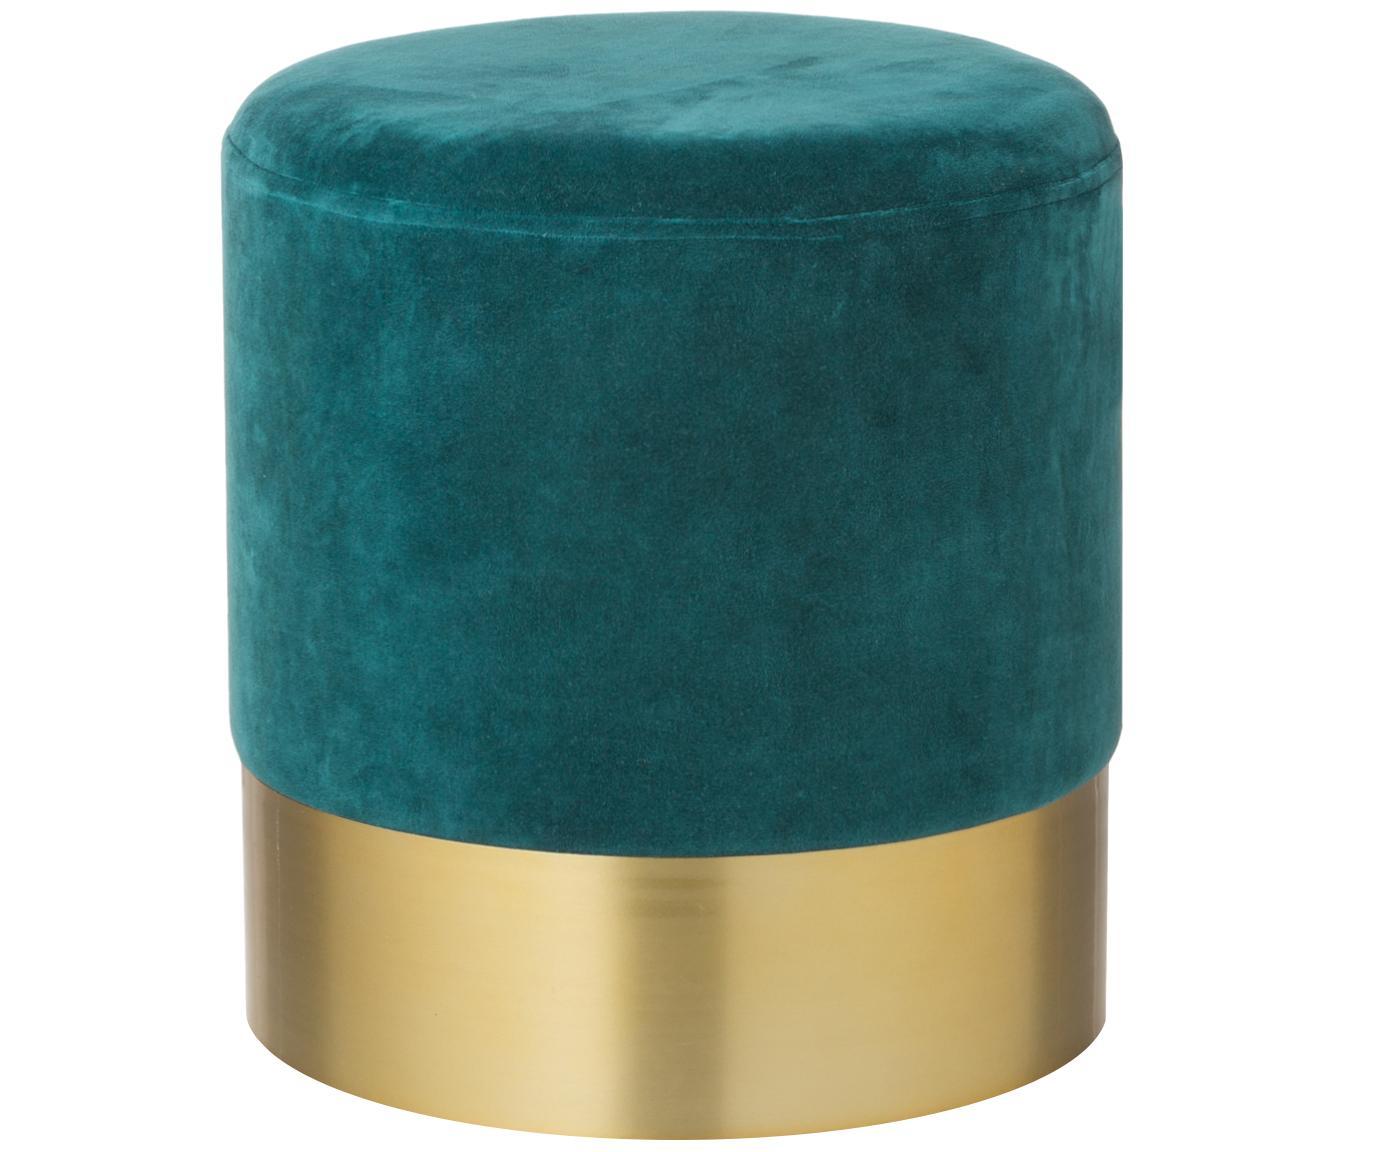 Puf de terciopelo Harlow, Tapizado: terciopelo de algodón, Azul petróleo, dorado, Ø 38 x Al 42 cm